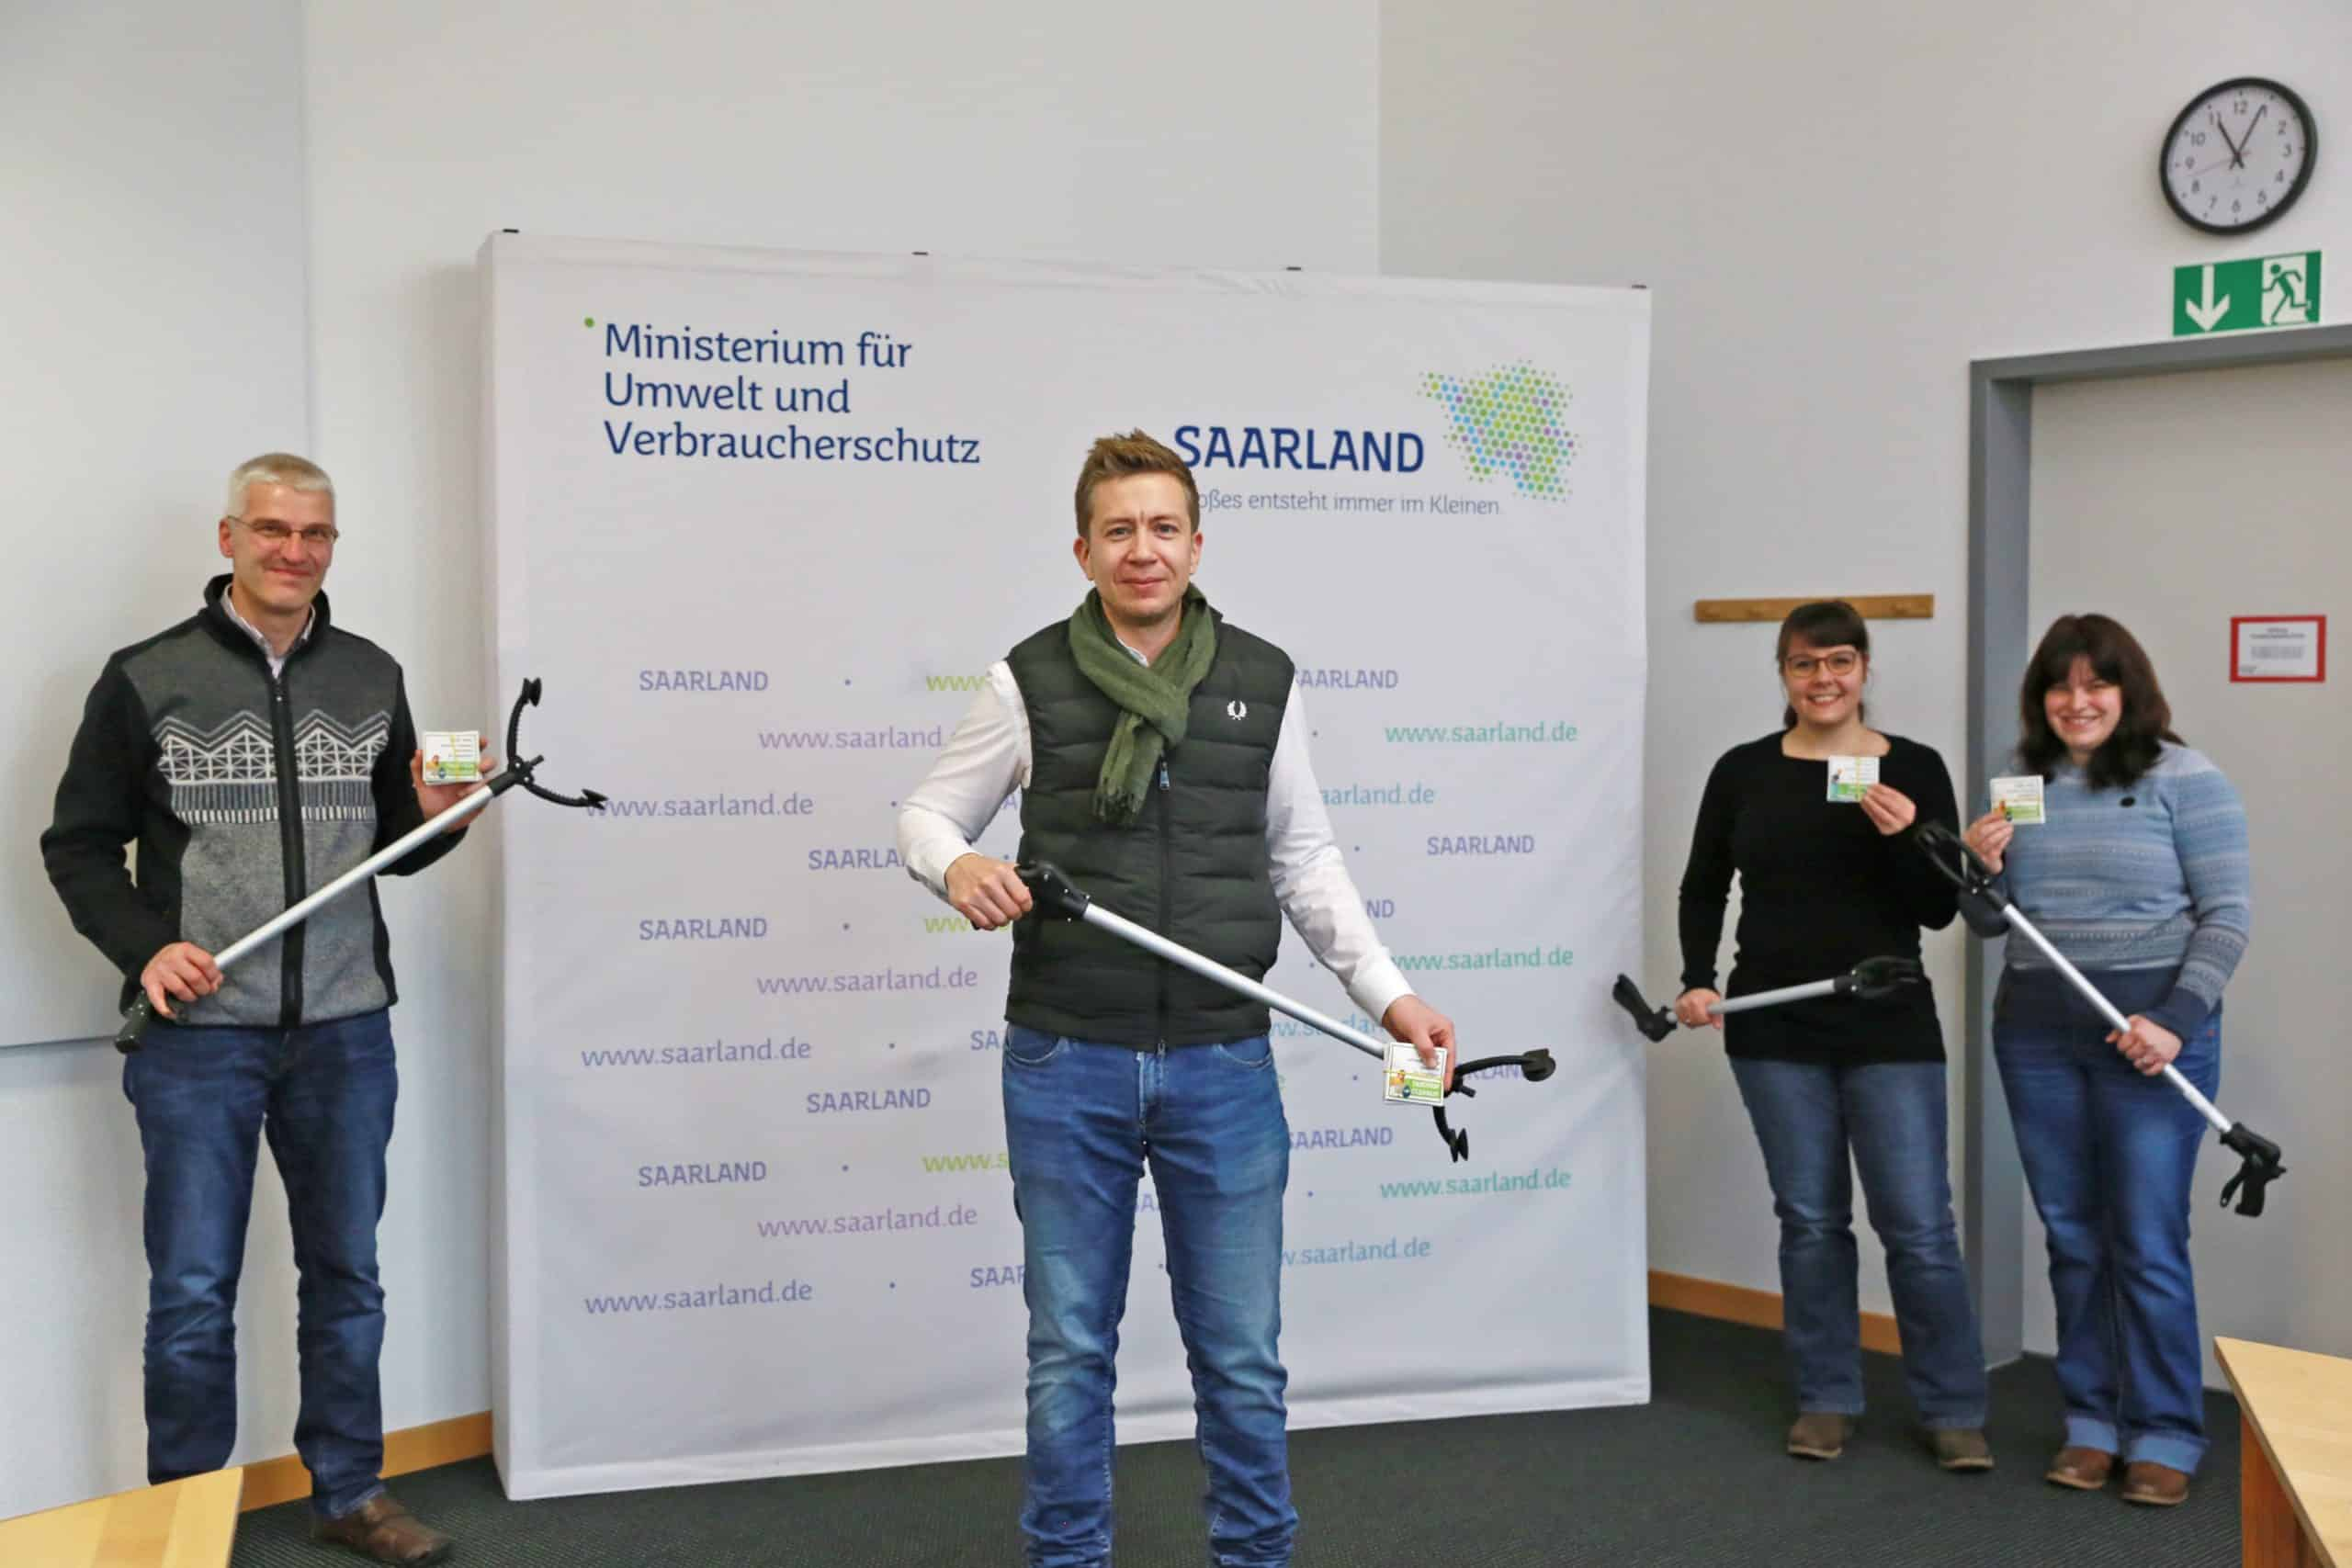 Besuch von Cleanup Saarland beim Umweltministerium; © Angelina Müller, MUV